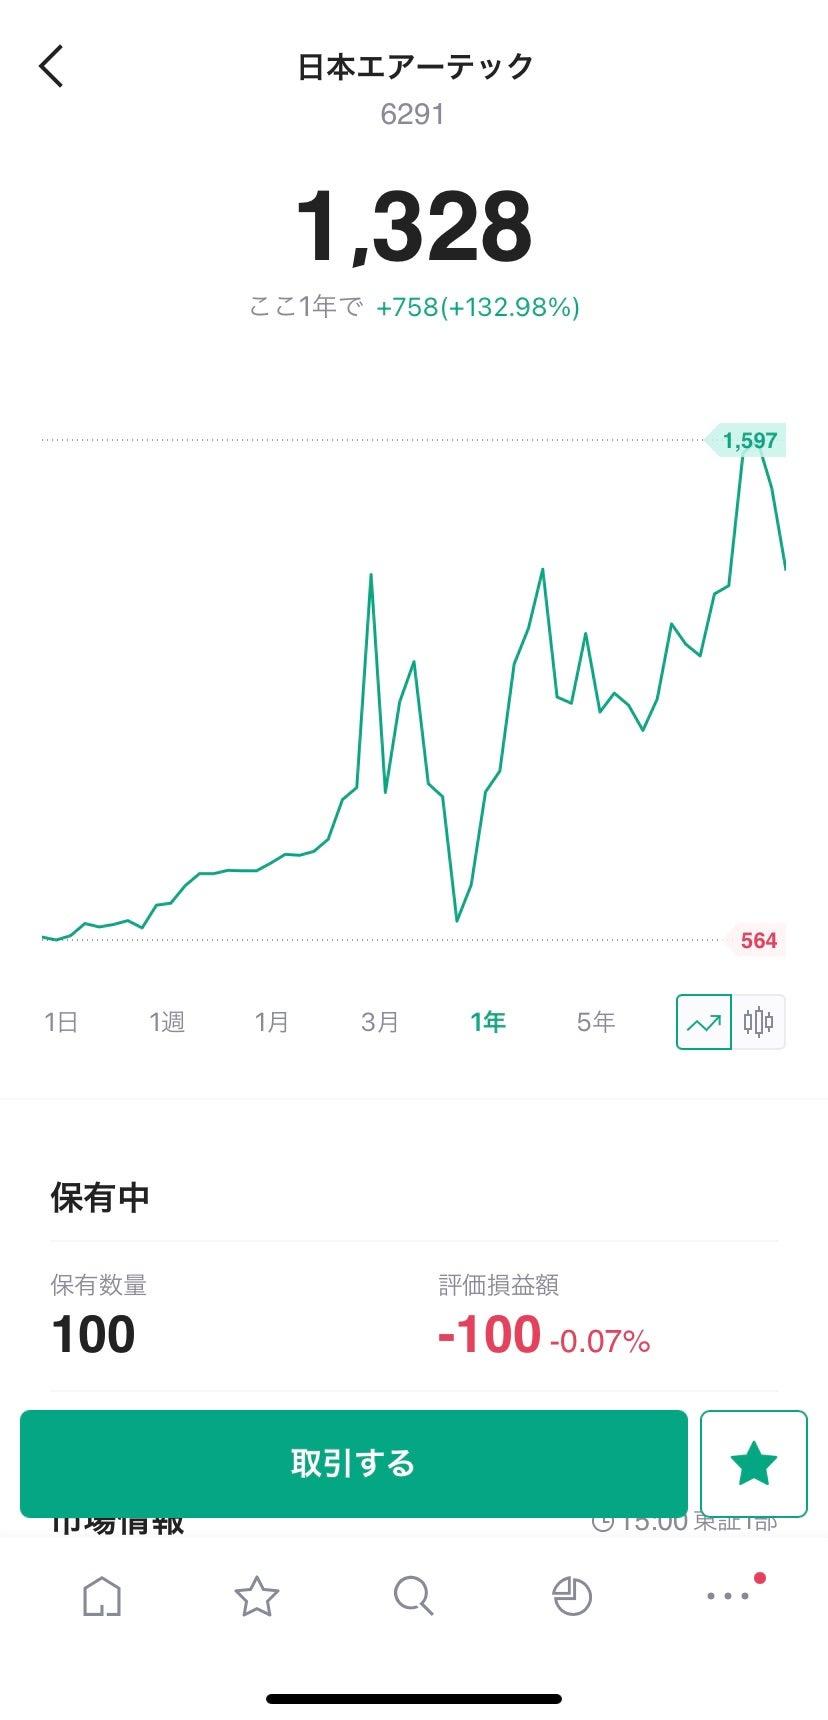 テック 日本 株価 エアー